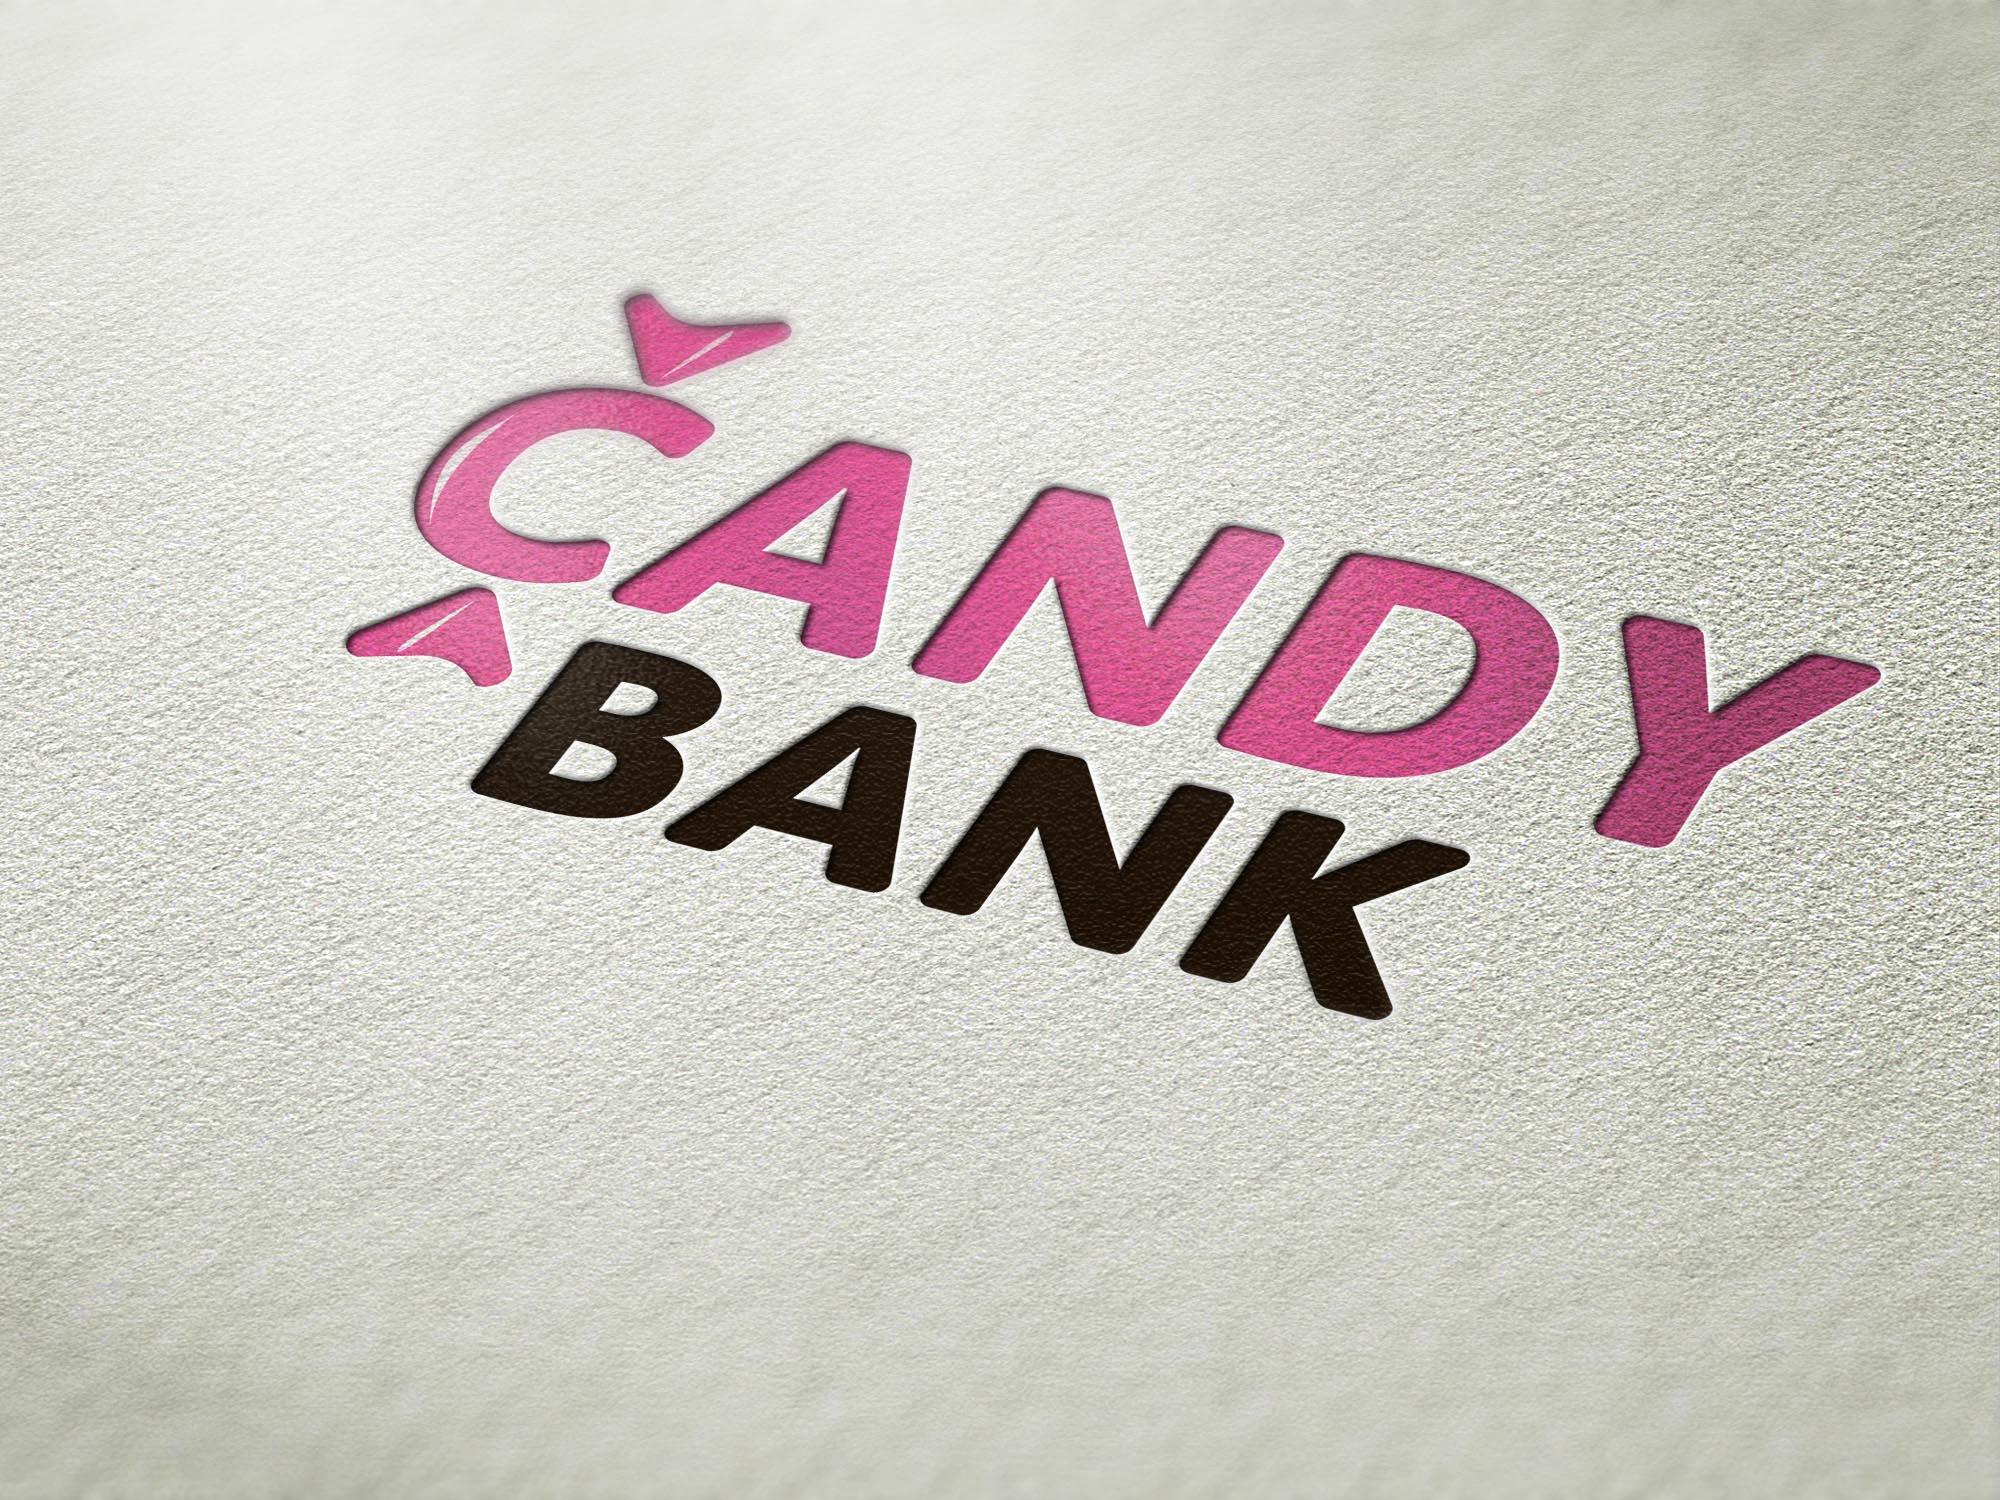 Логотип для международного банка фото f_4805d698ea2ec127.jpg